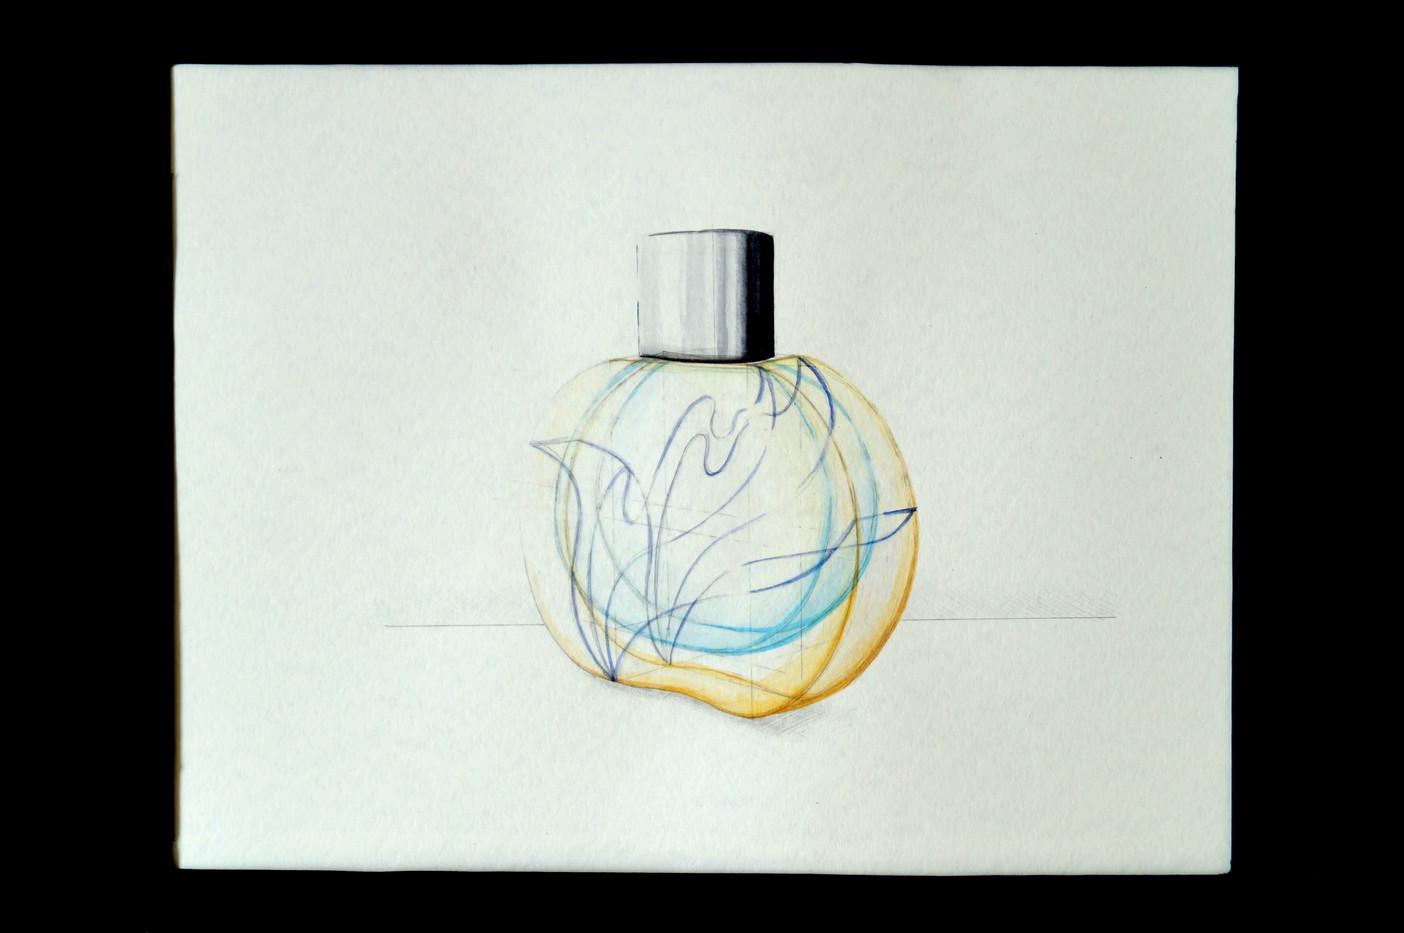 Entwurf für ein Parfumflacon